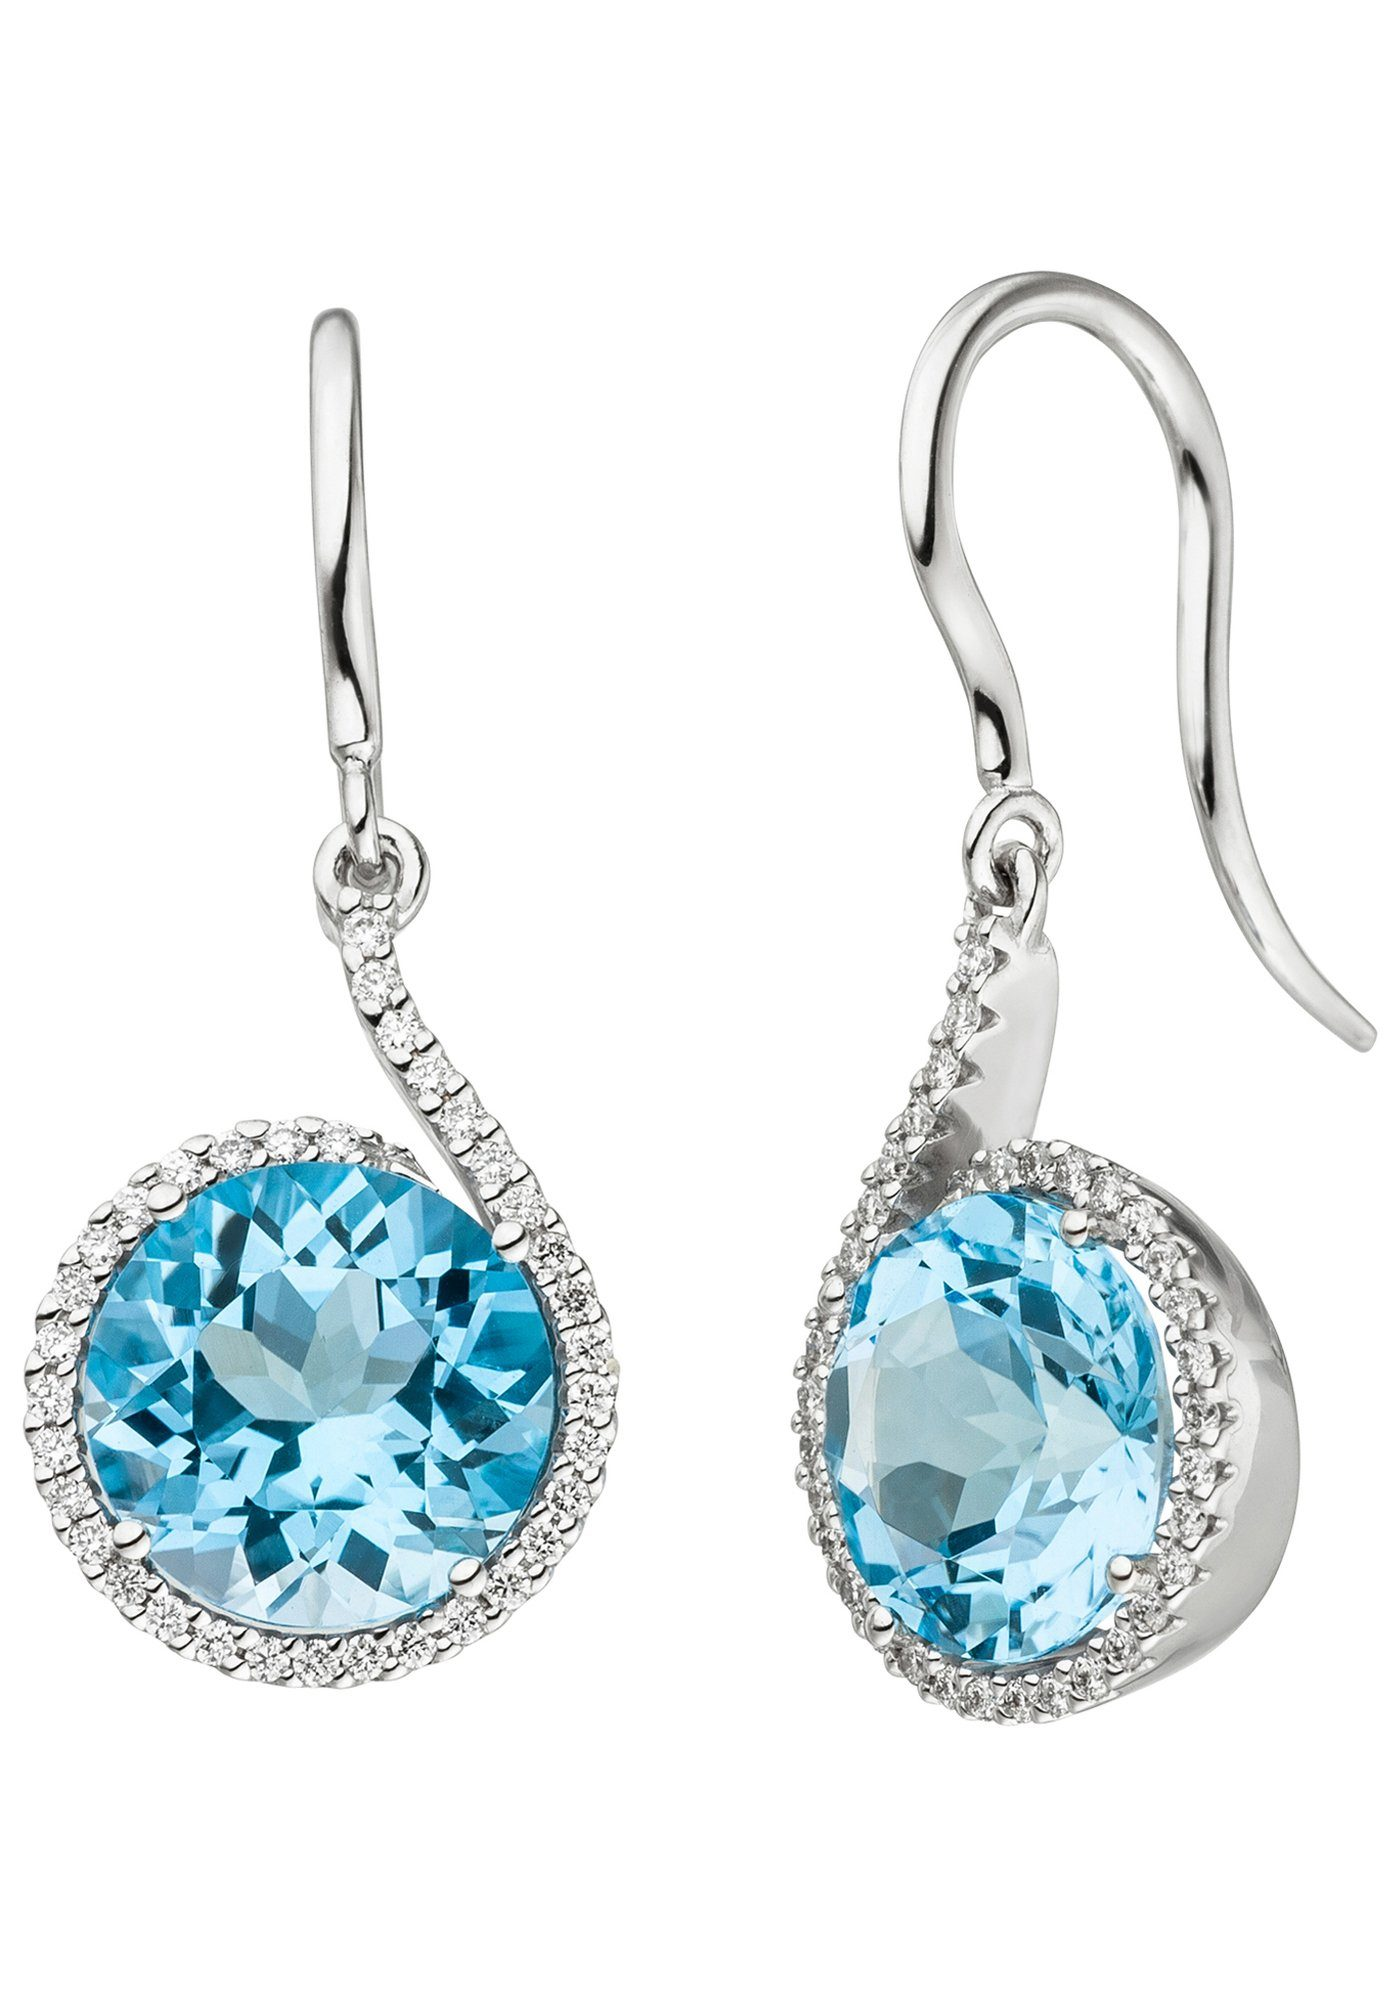 JOBO Paar Ohrhänger 585 Weißgold mit 70 Diamanten und Blautopas